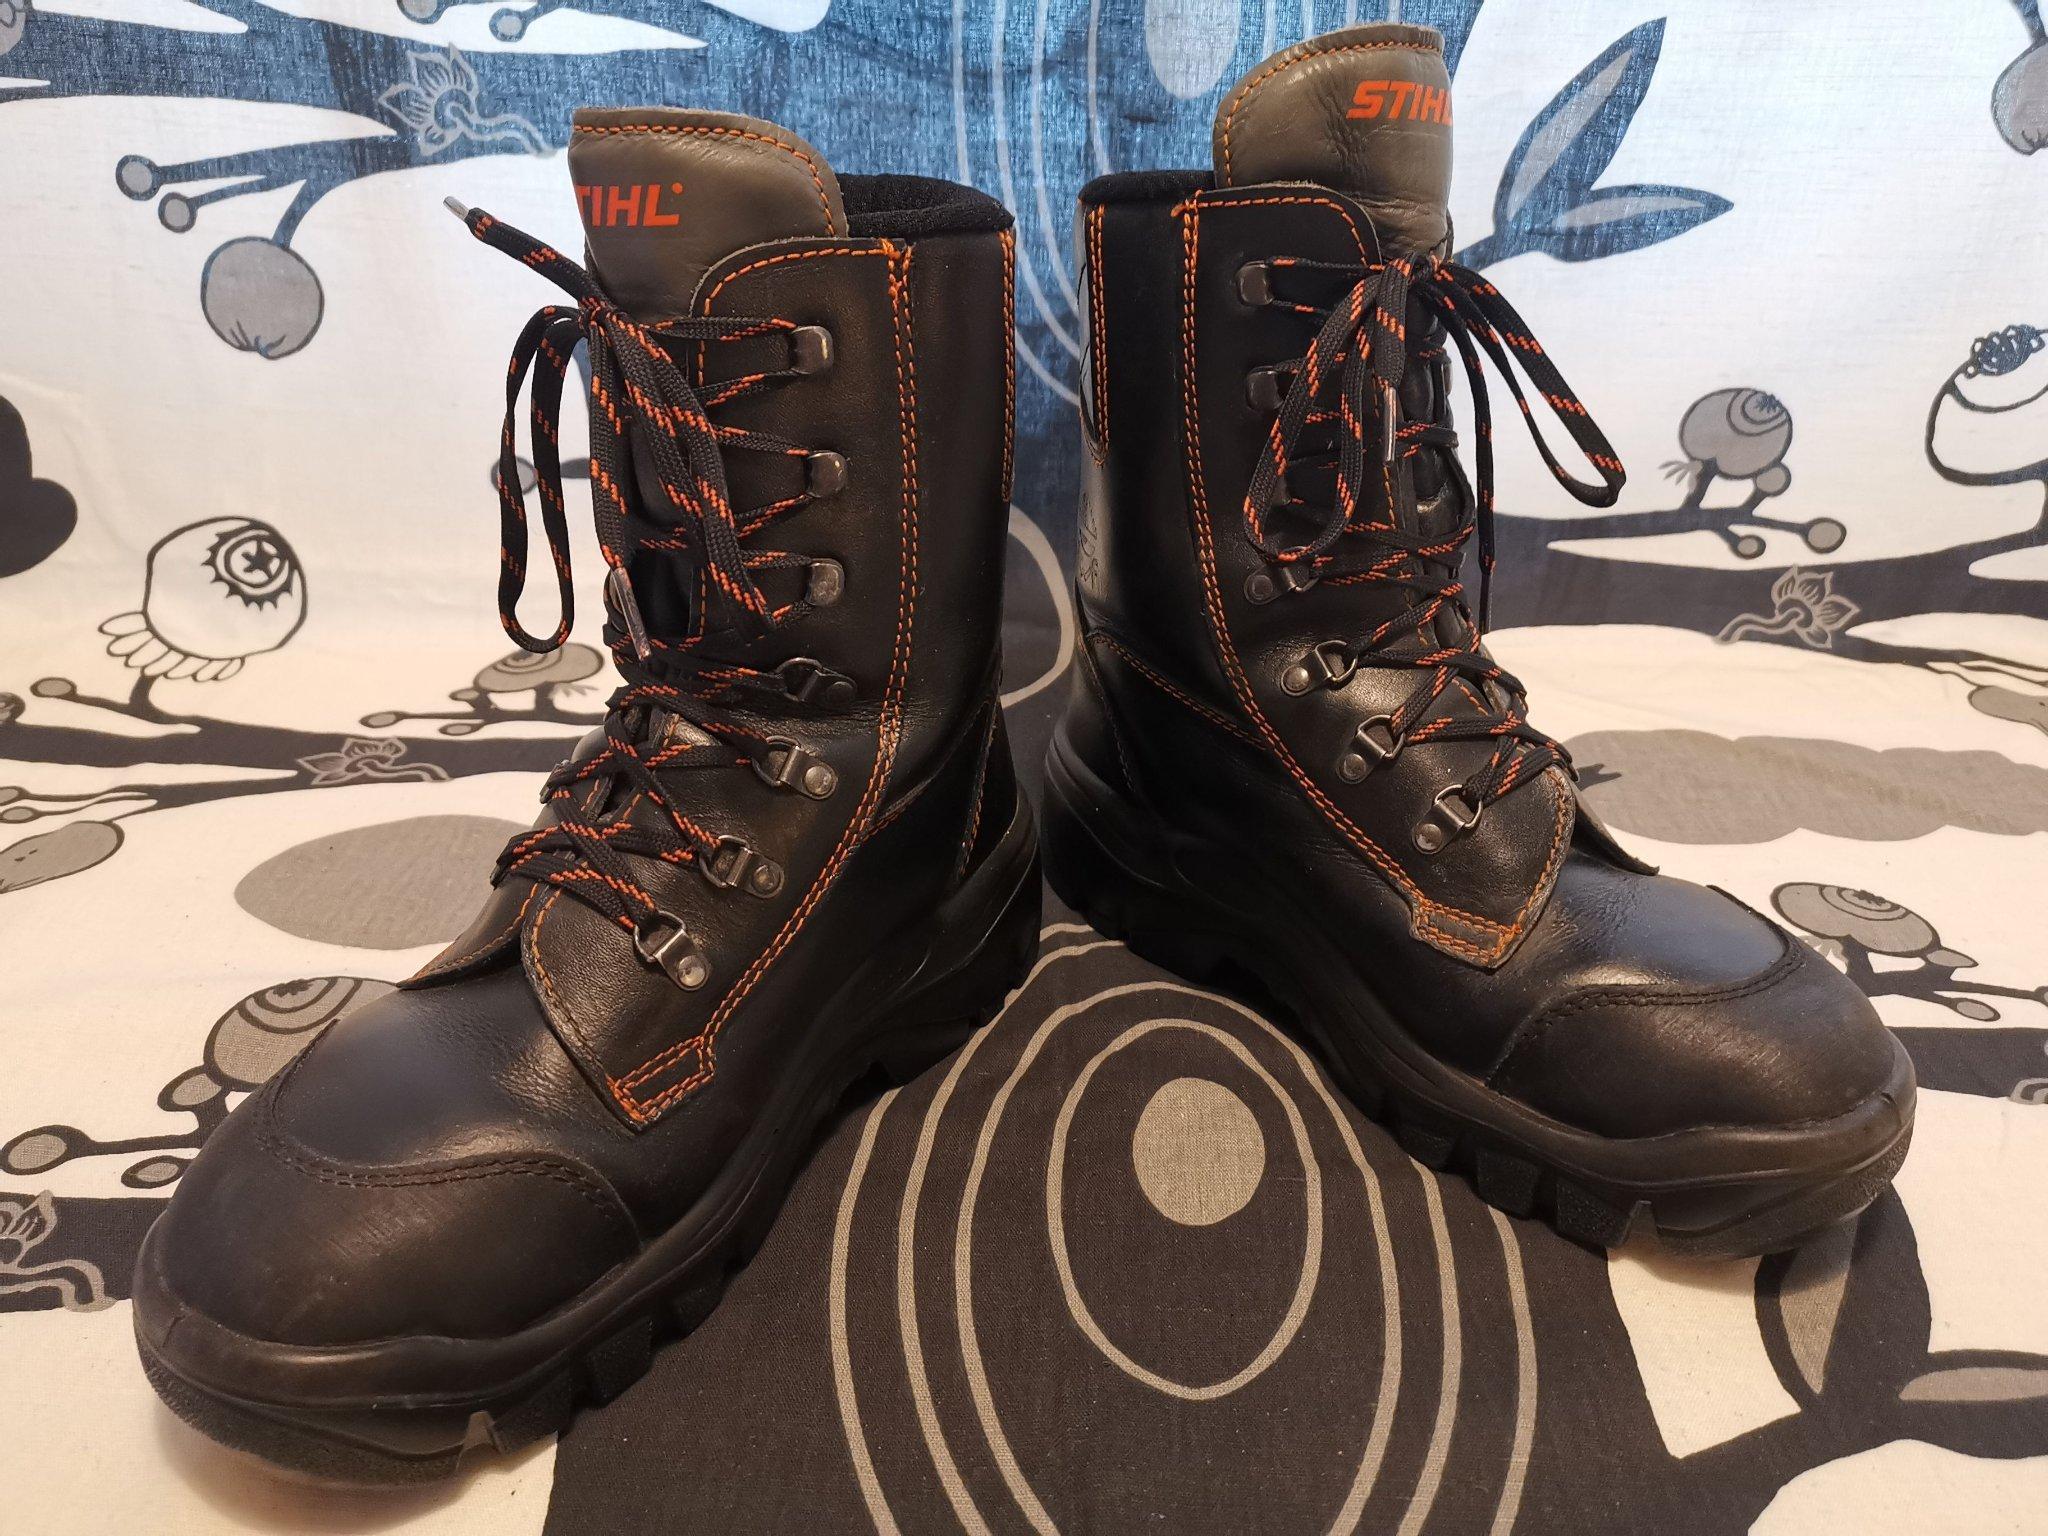 Arbetsskor Stihl Ranger stålhätta födrat boots kängor str 41